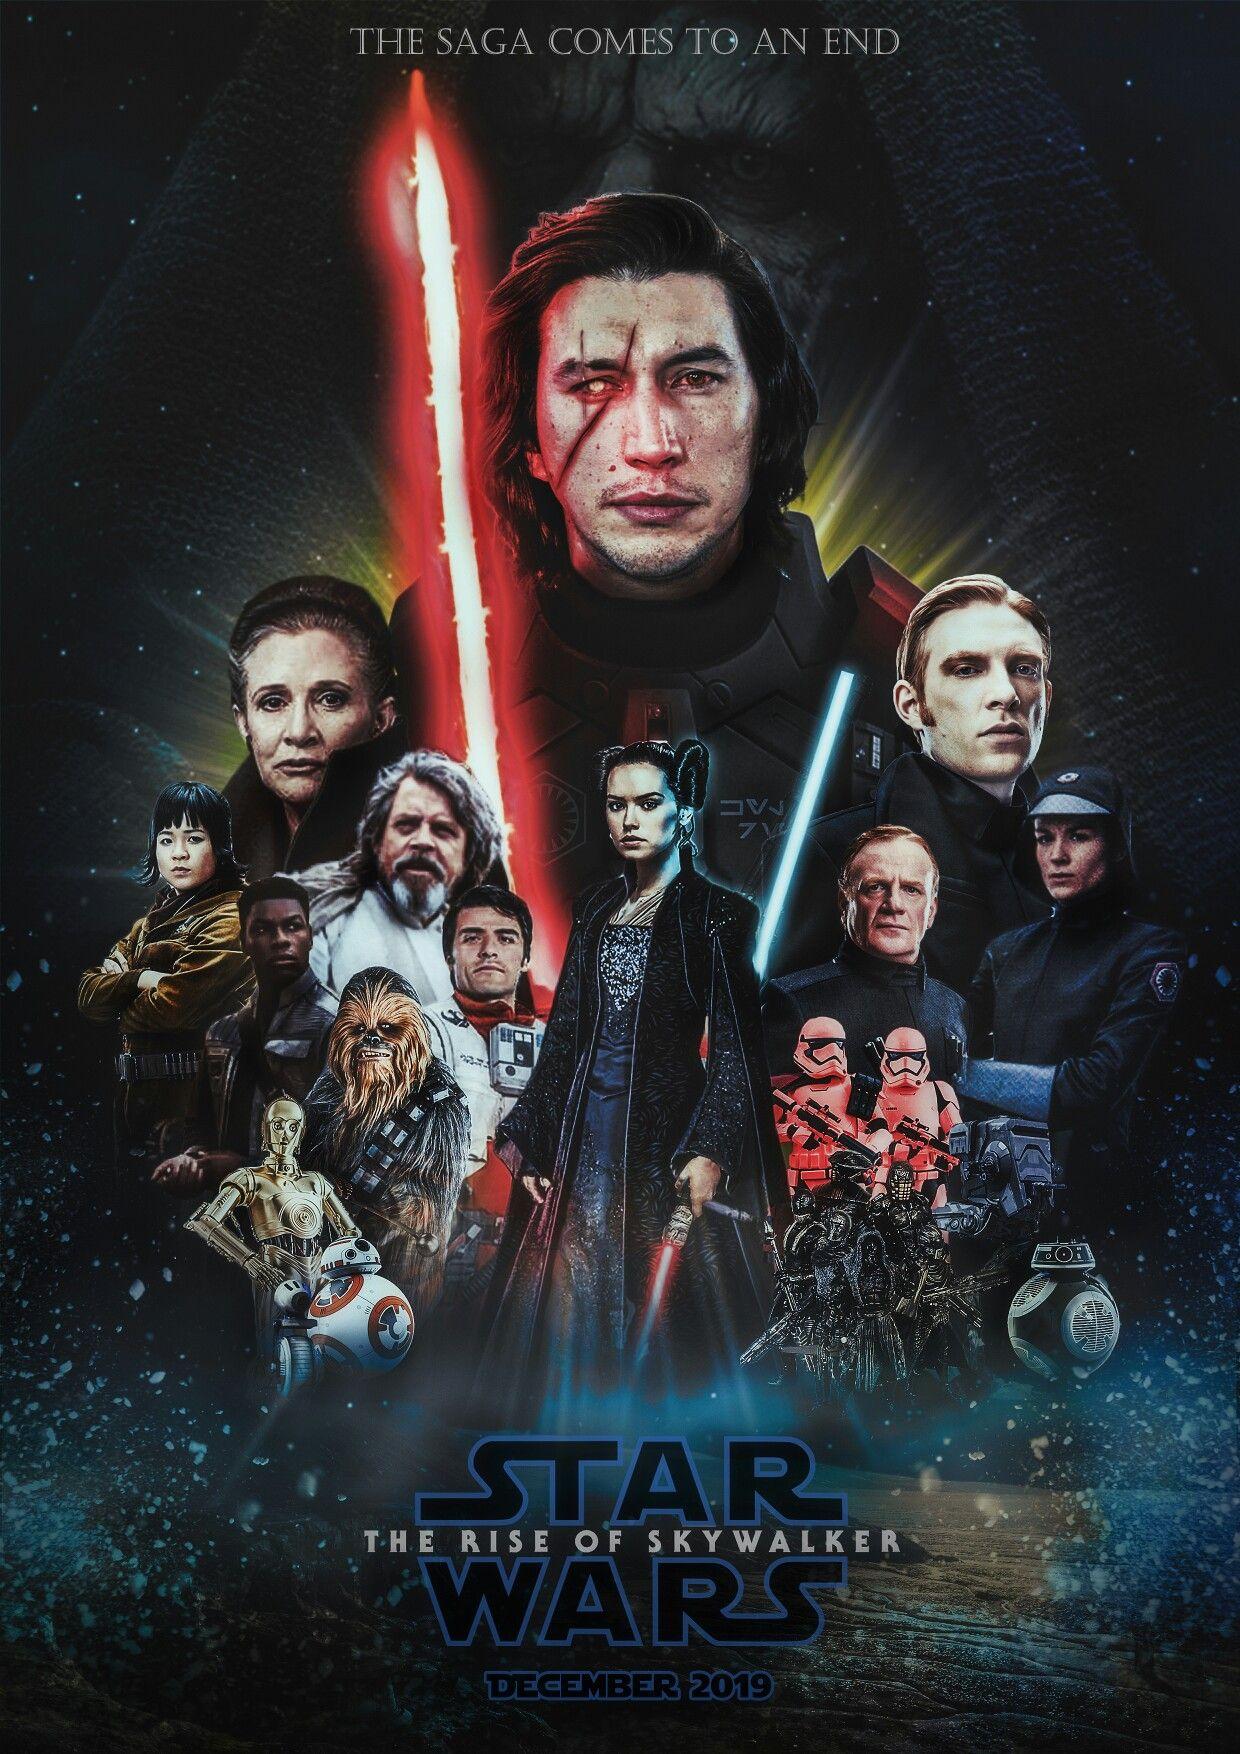 Episode Ix Poster Starwars Episodeix Kyloren Rey Emperorpalpatine End December 2019 Theriseofskywalker Skywalke Emperor Palpatine Star Wars Skywalker